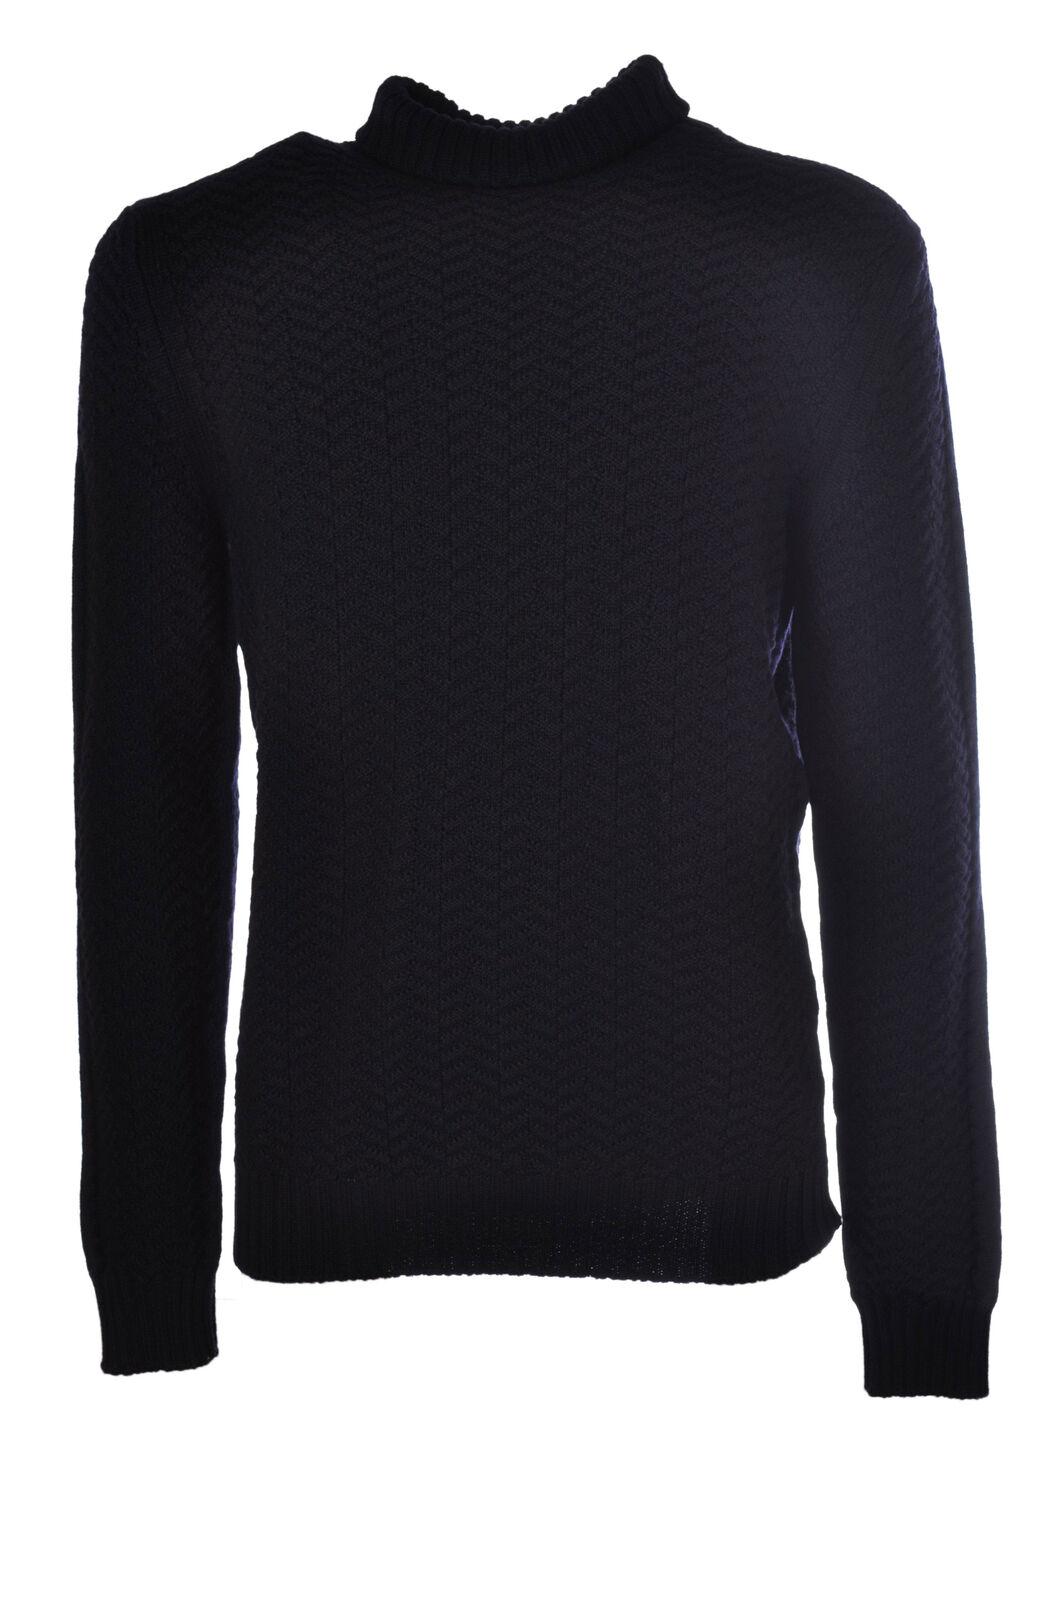 Alpha  -  Sweaters - Male - bluee - 2865901A184902